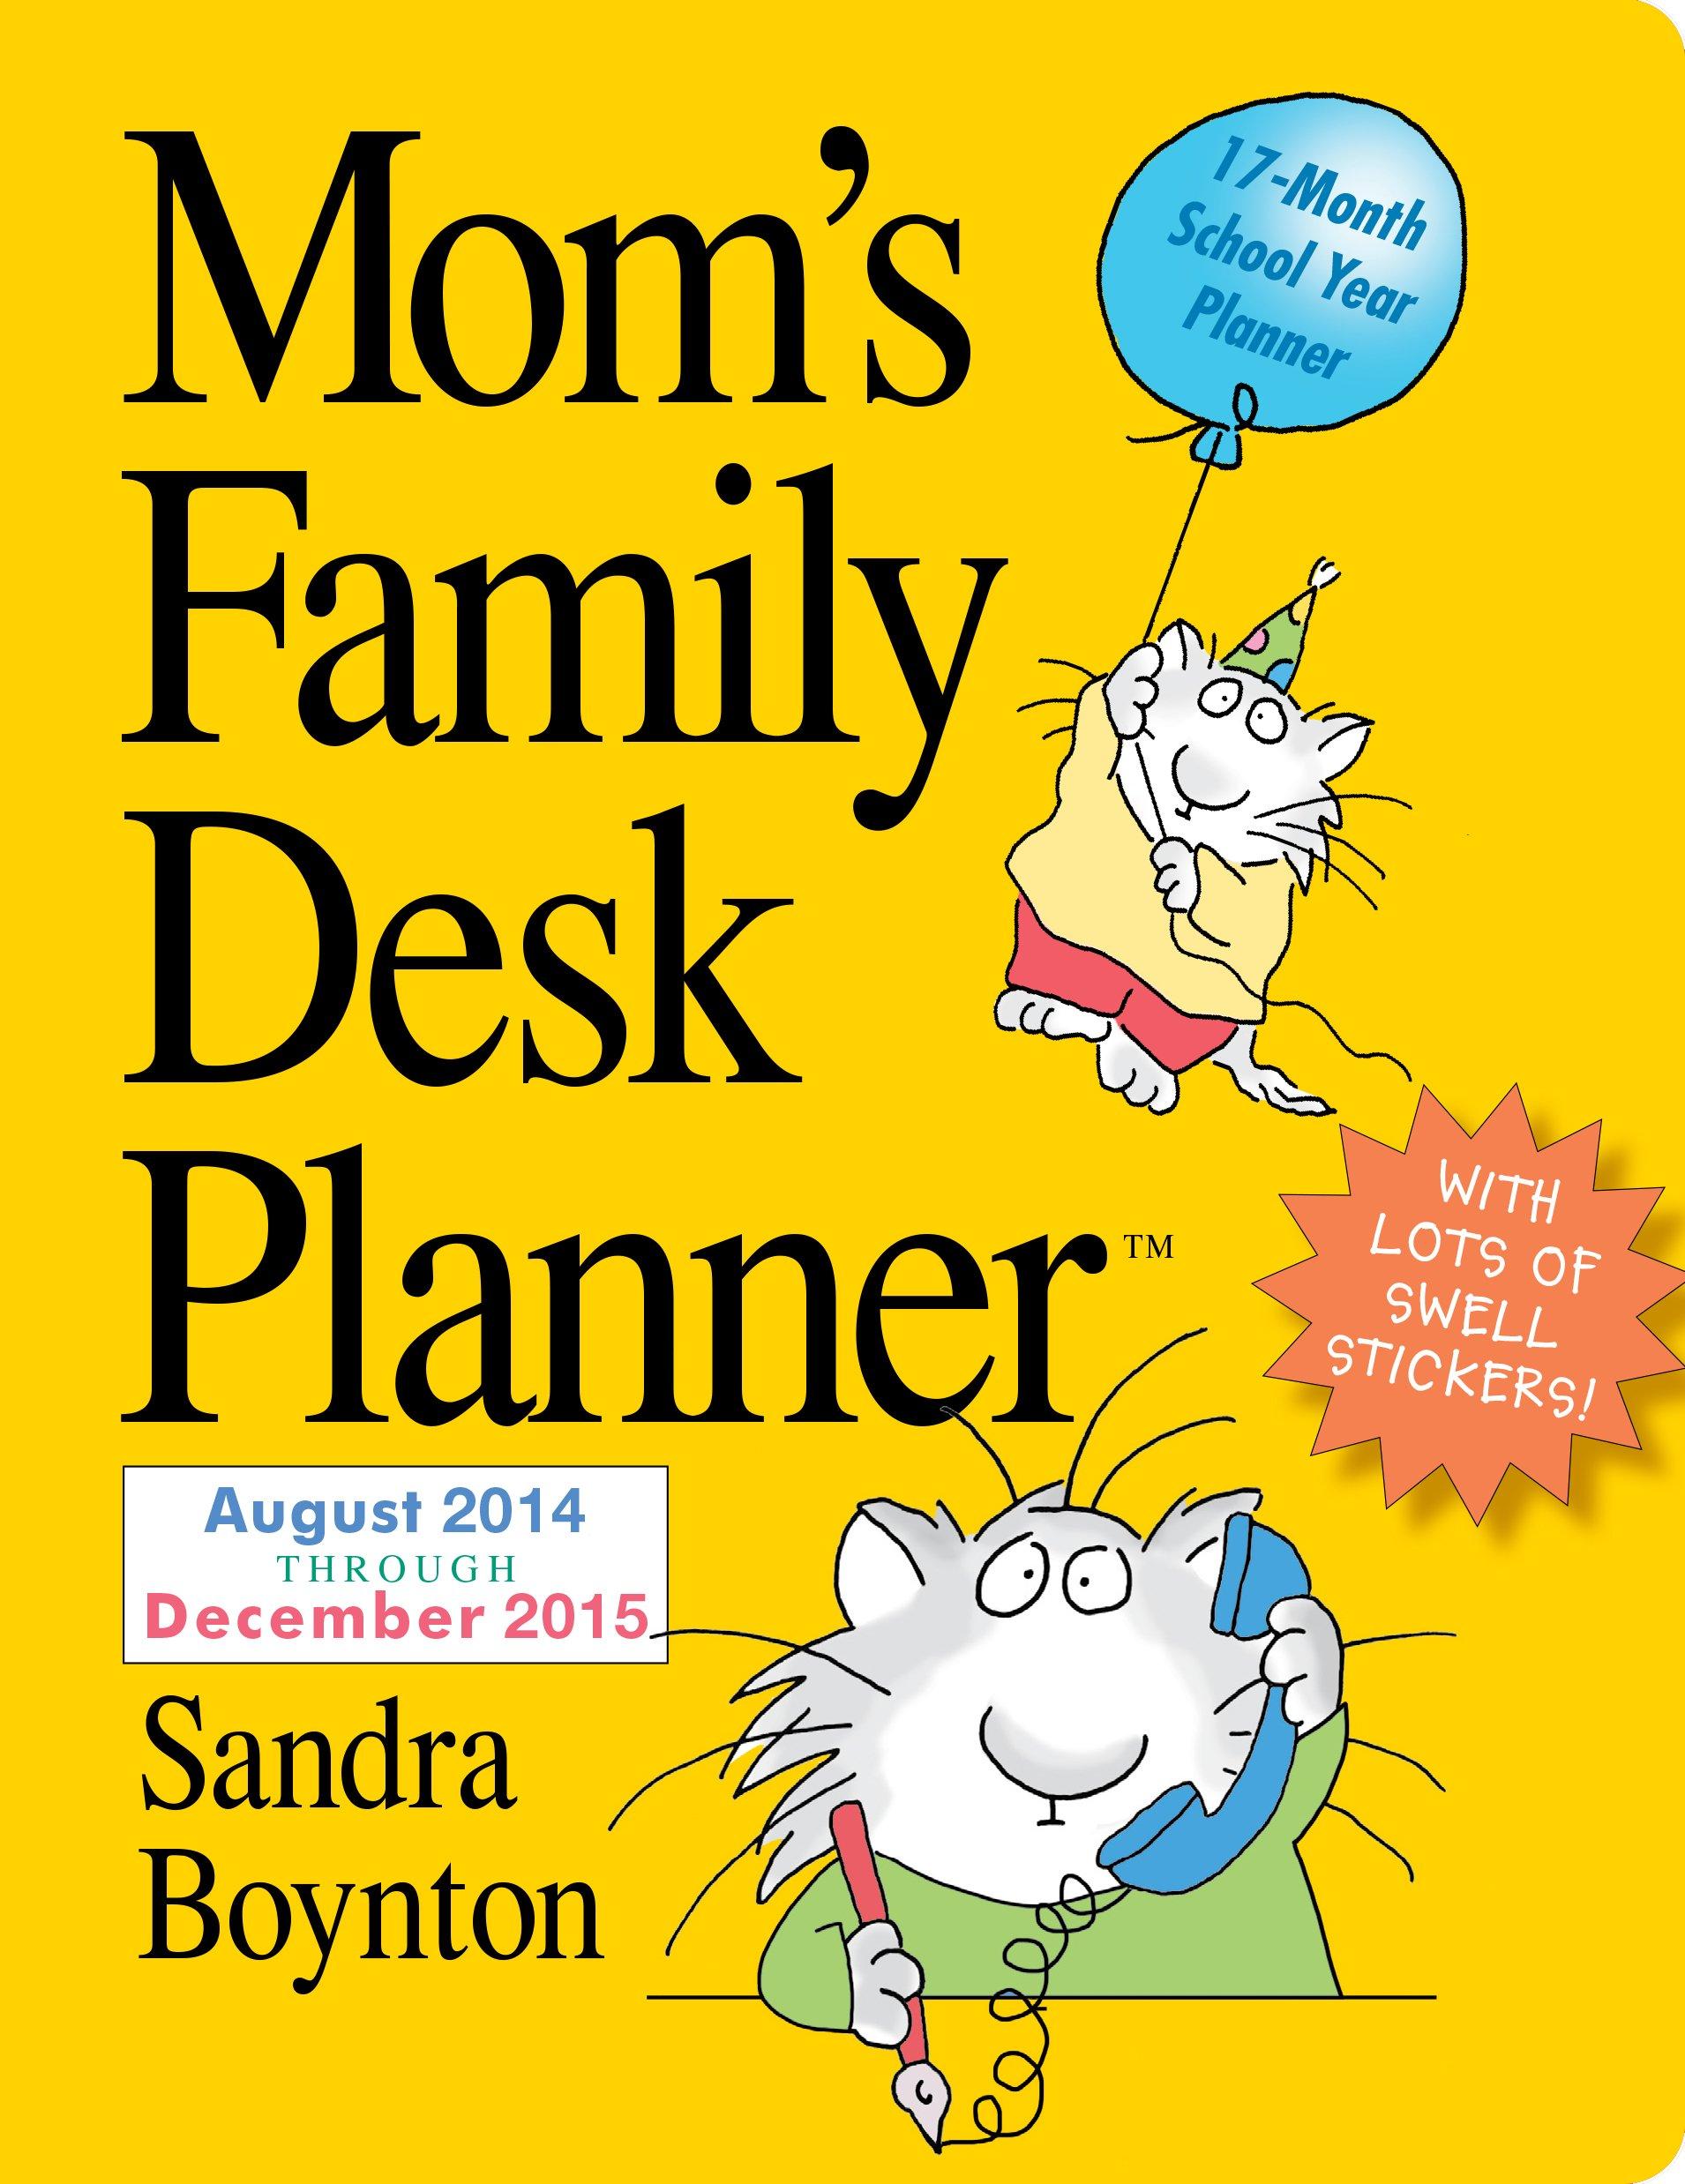 Mom's Family 2015 Desk Planner: Sandra Boynton: 9780761177814 ...